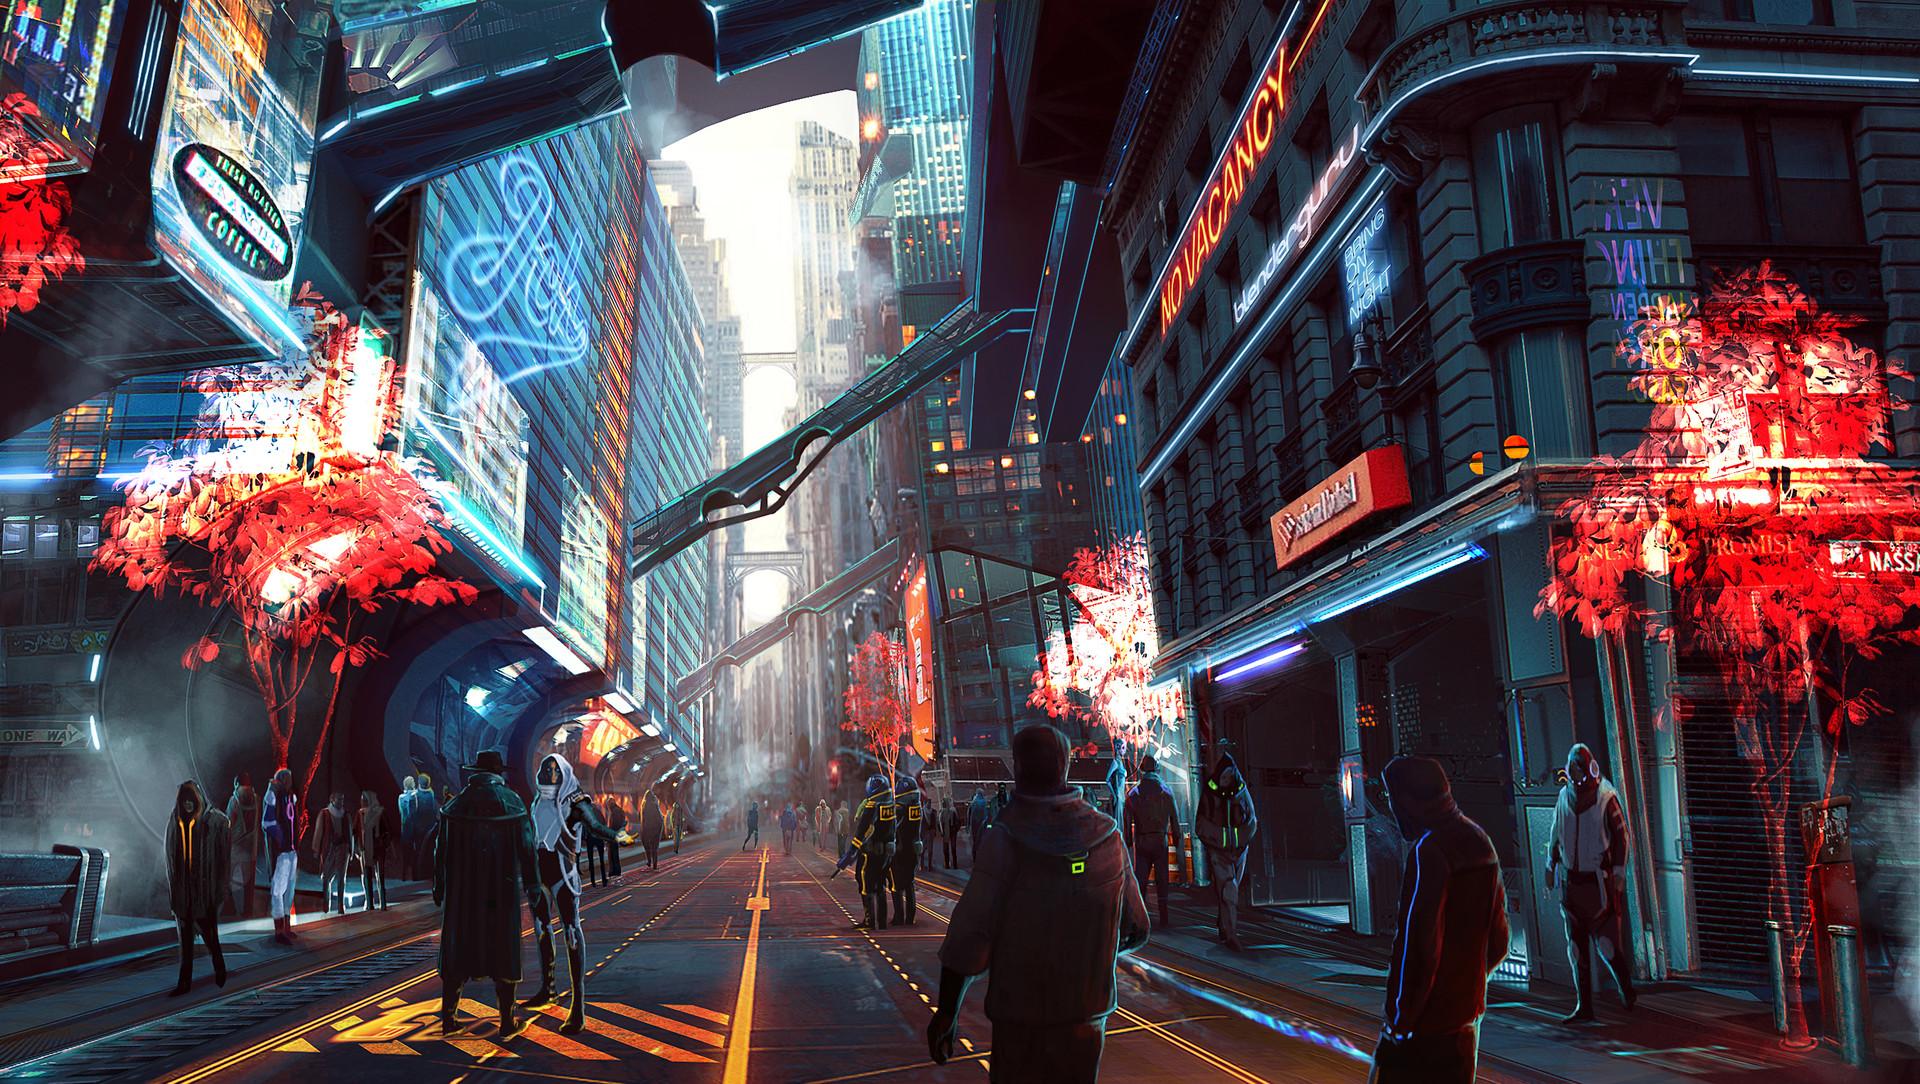 city-alley-sci-fi-cyberpunk-hd-1da433.jpg - Cyberpunk 2077